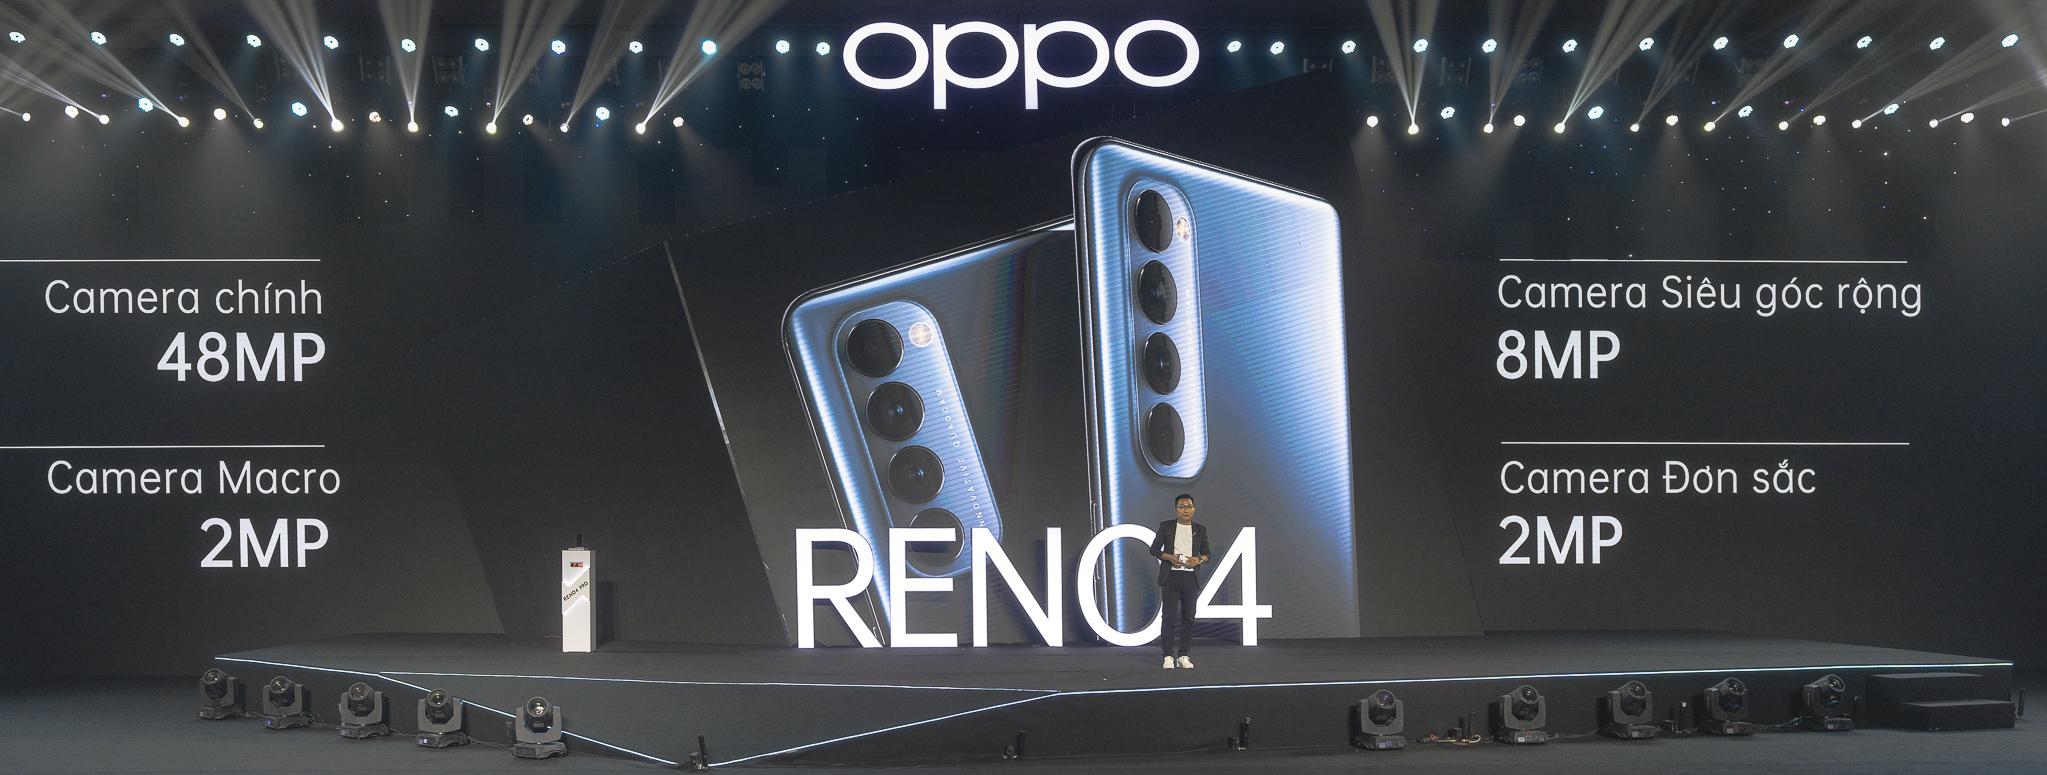 Cụm camera tăng cường AI OPPO Reno4 và Reno4 Pro ghi điểm tính năng gì nổi bật trong tầm giá? - Ảnh 3.